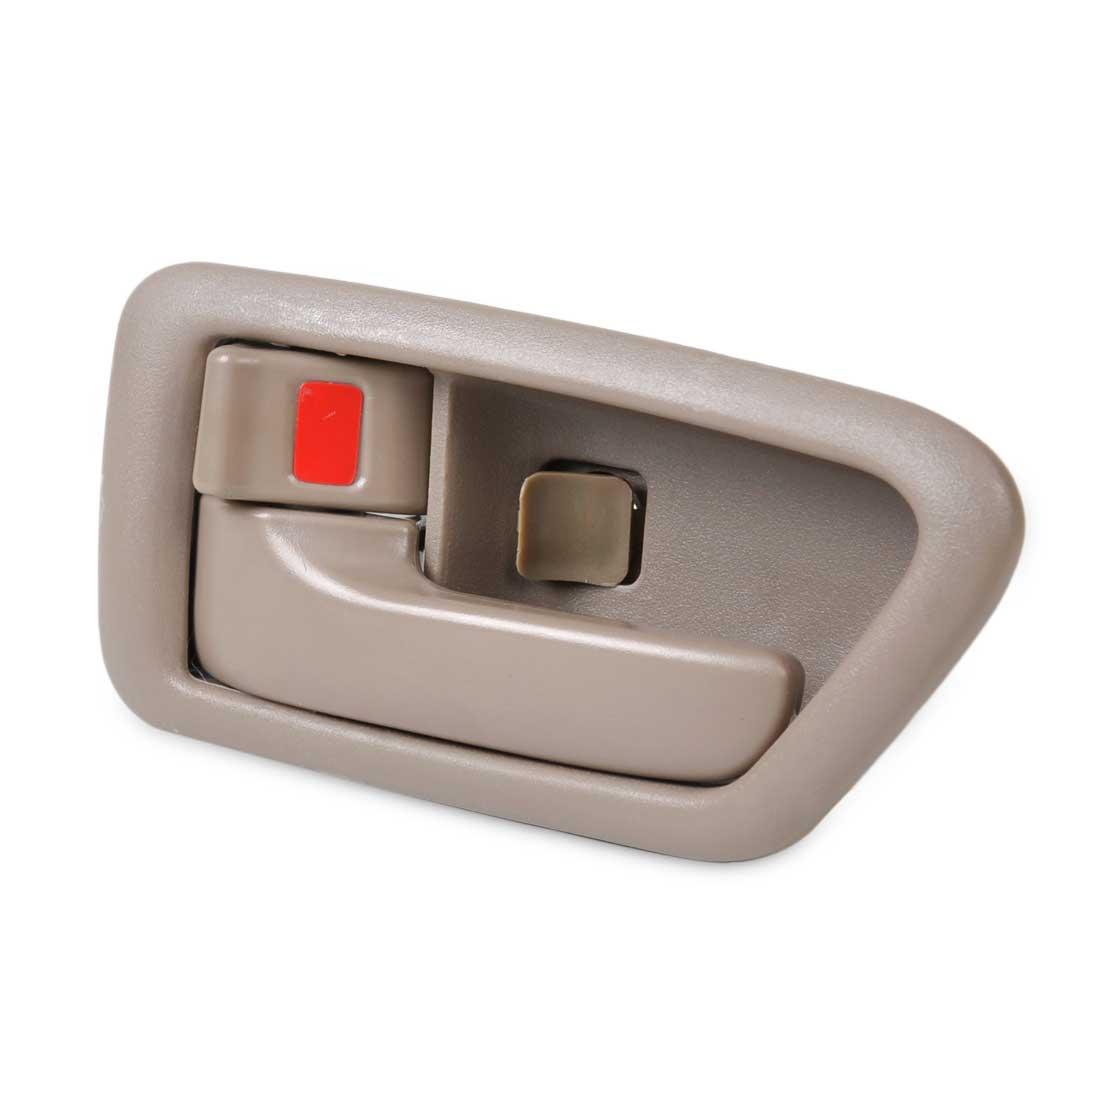 Beler спереди/сзади прямо внутри дверь ободок ручки для Toyota Camry 1997 1998 1999 2000 2001 69205AA010E0 69277- 33020